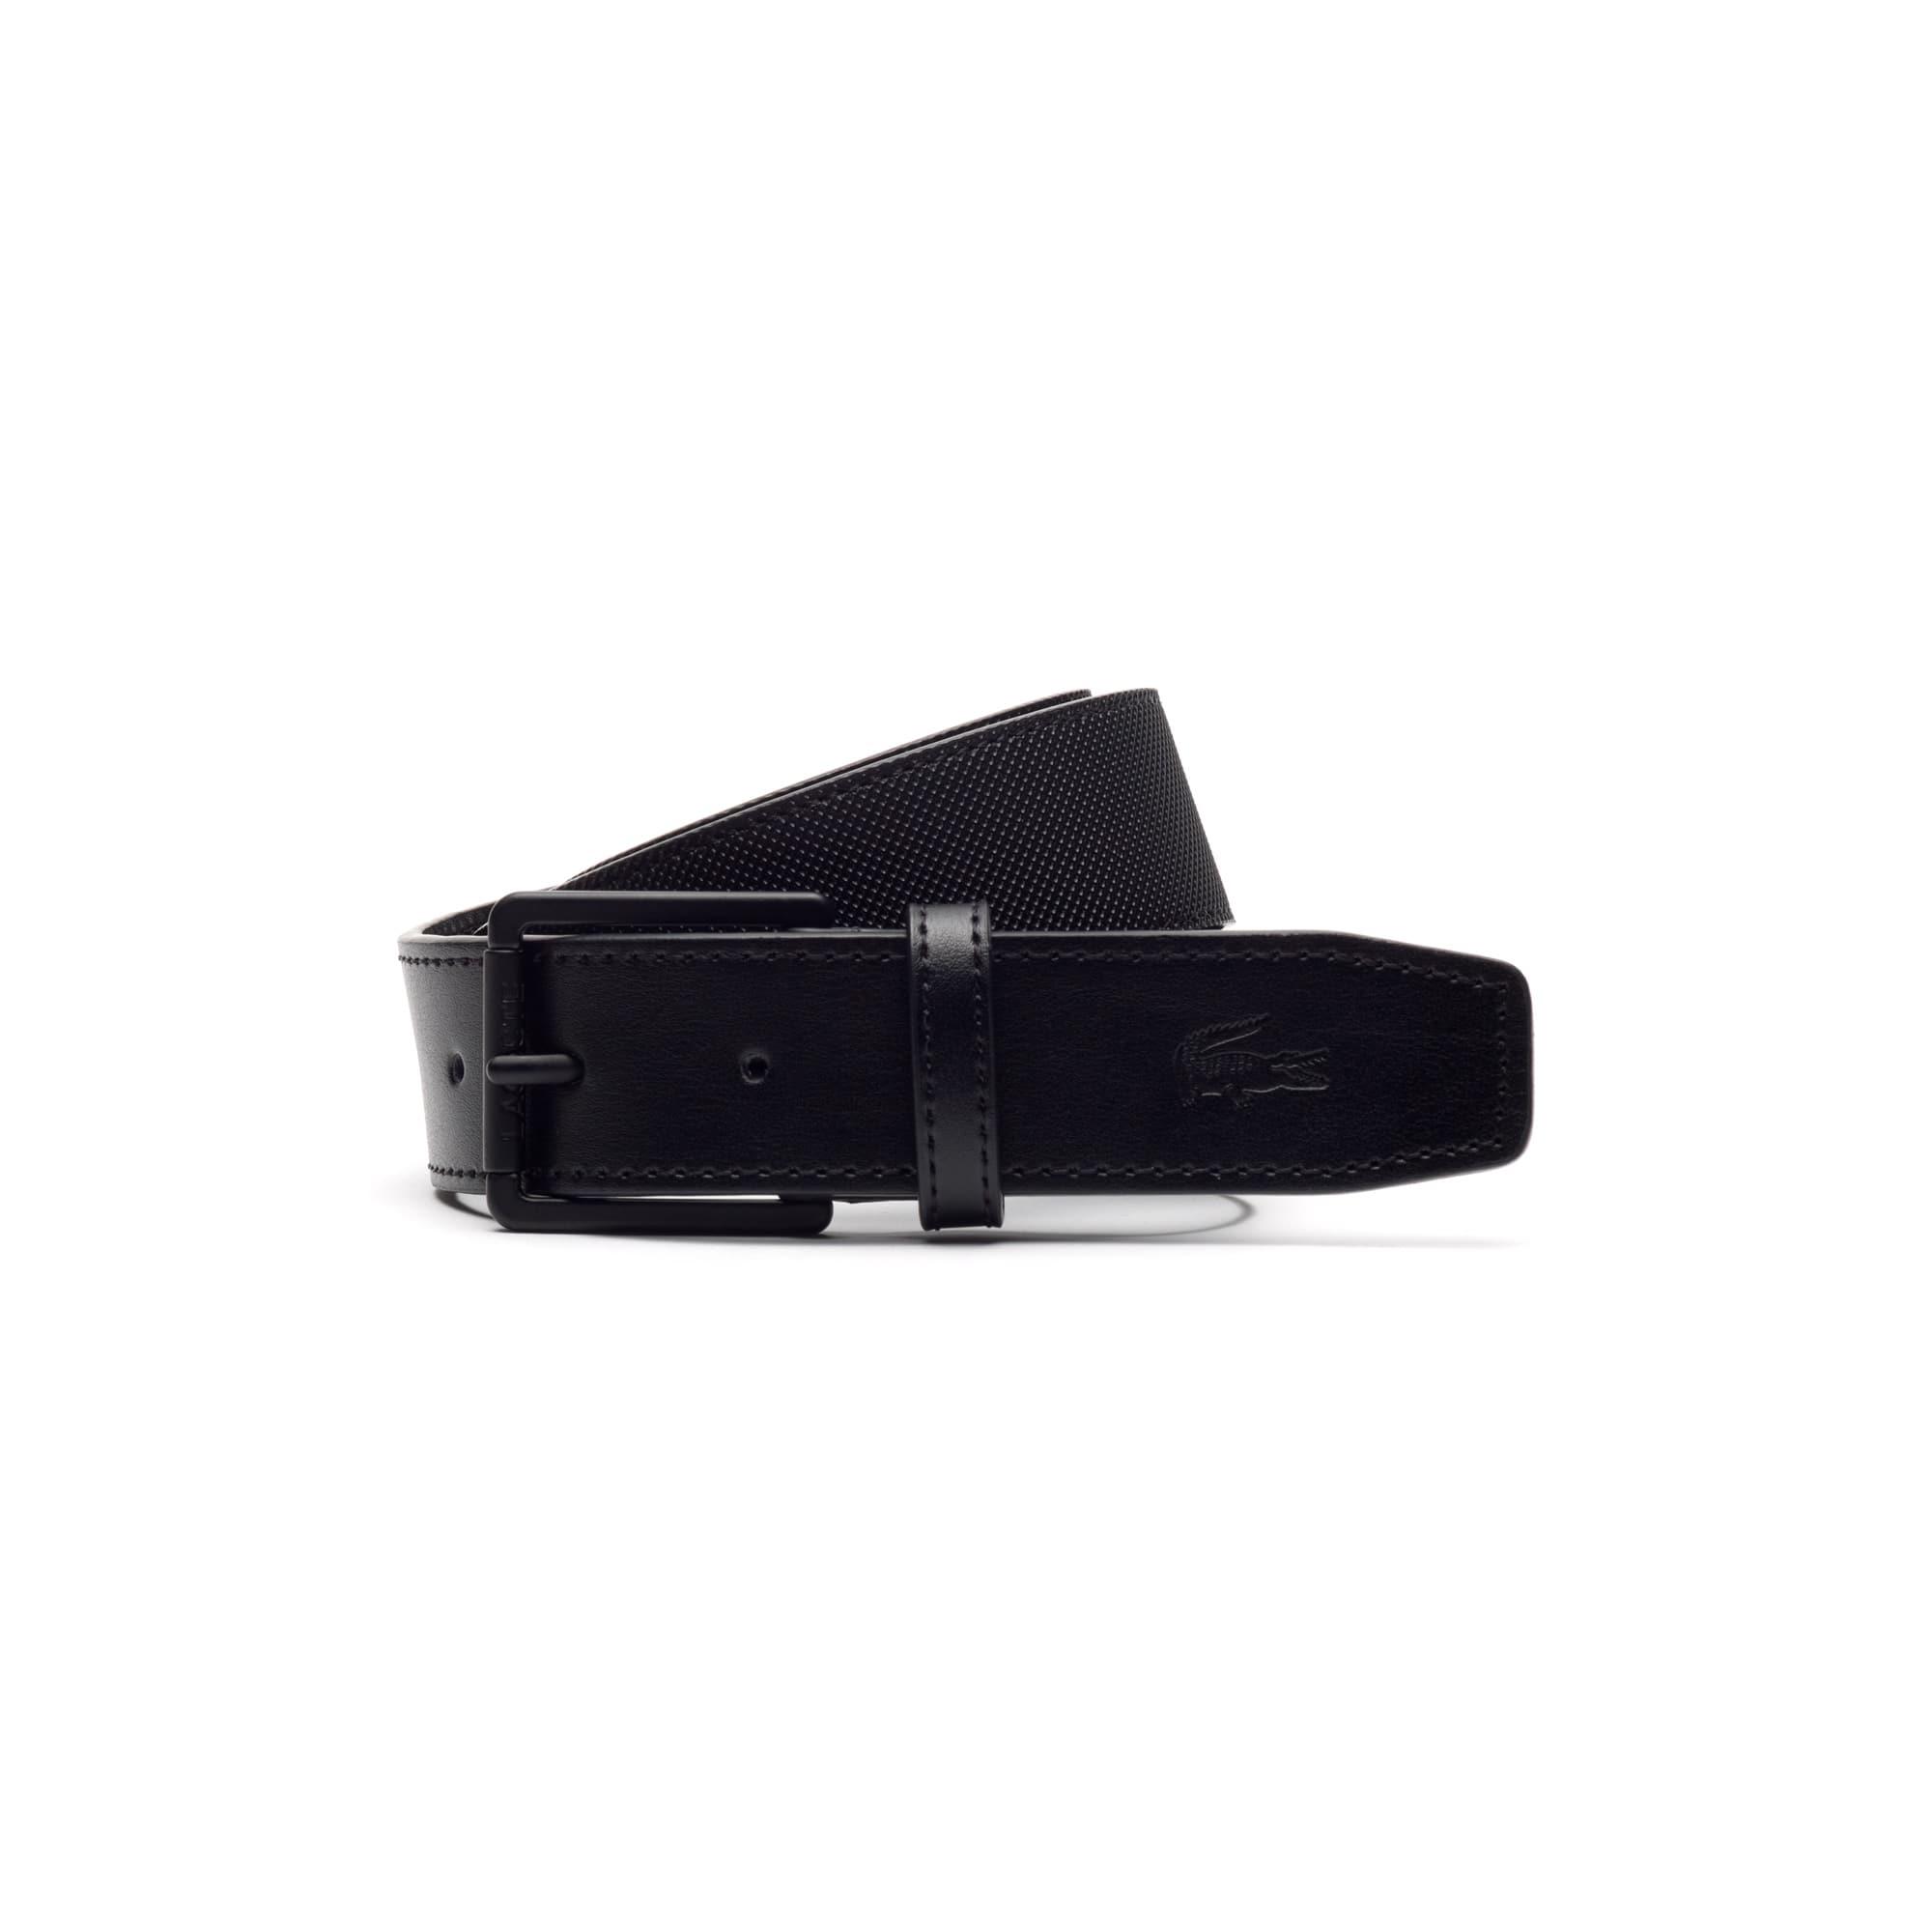 Men's Classic belt in monochrome petit piqué embossed leather